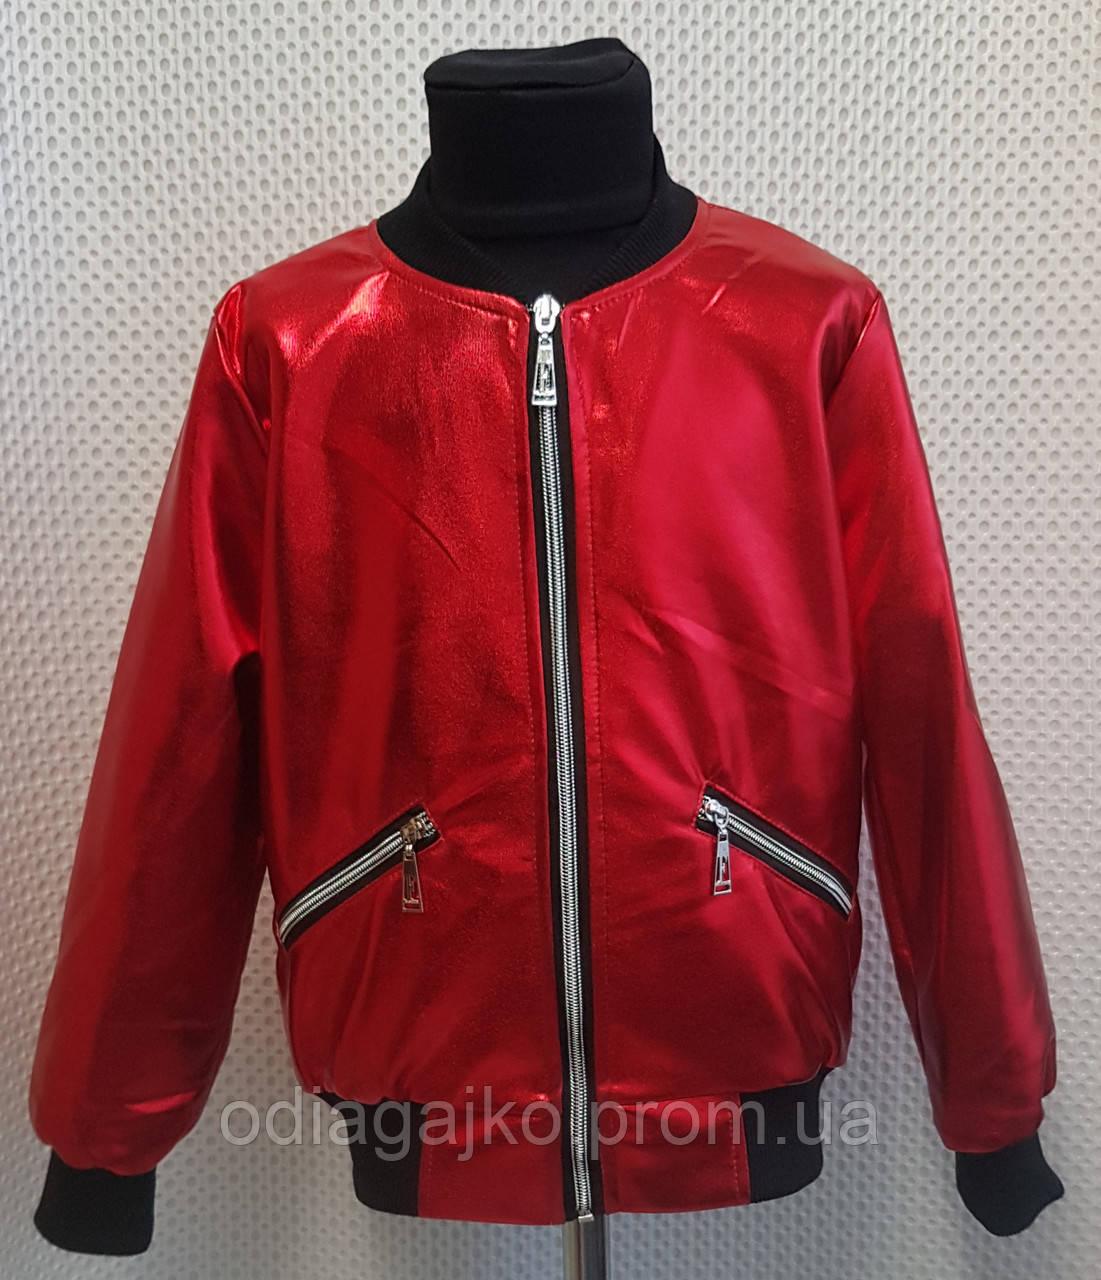 Детская куртка Бомбер для девочки кожзам АМУР красный ... 9df1d3b87d369